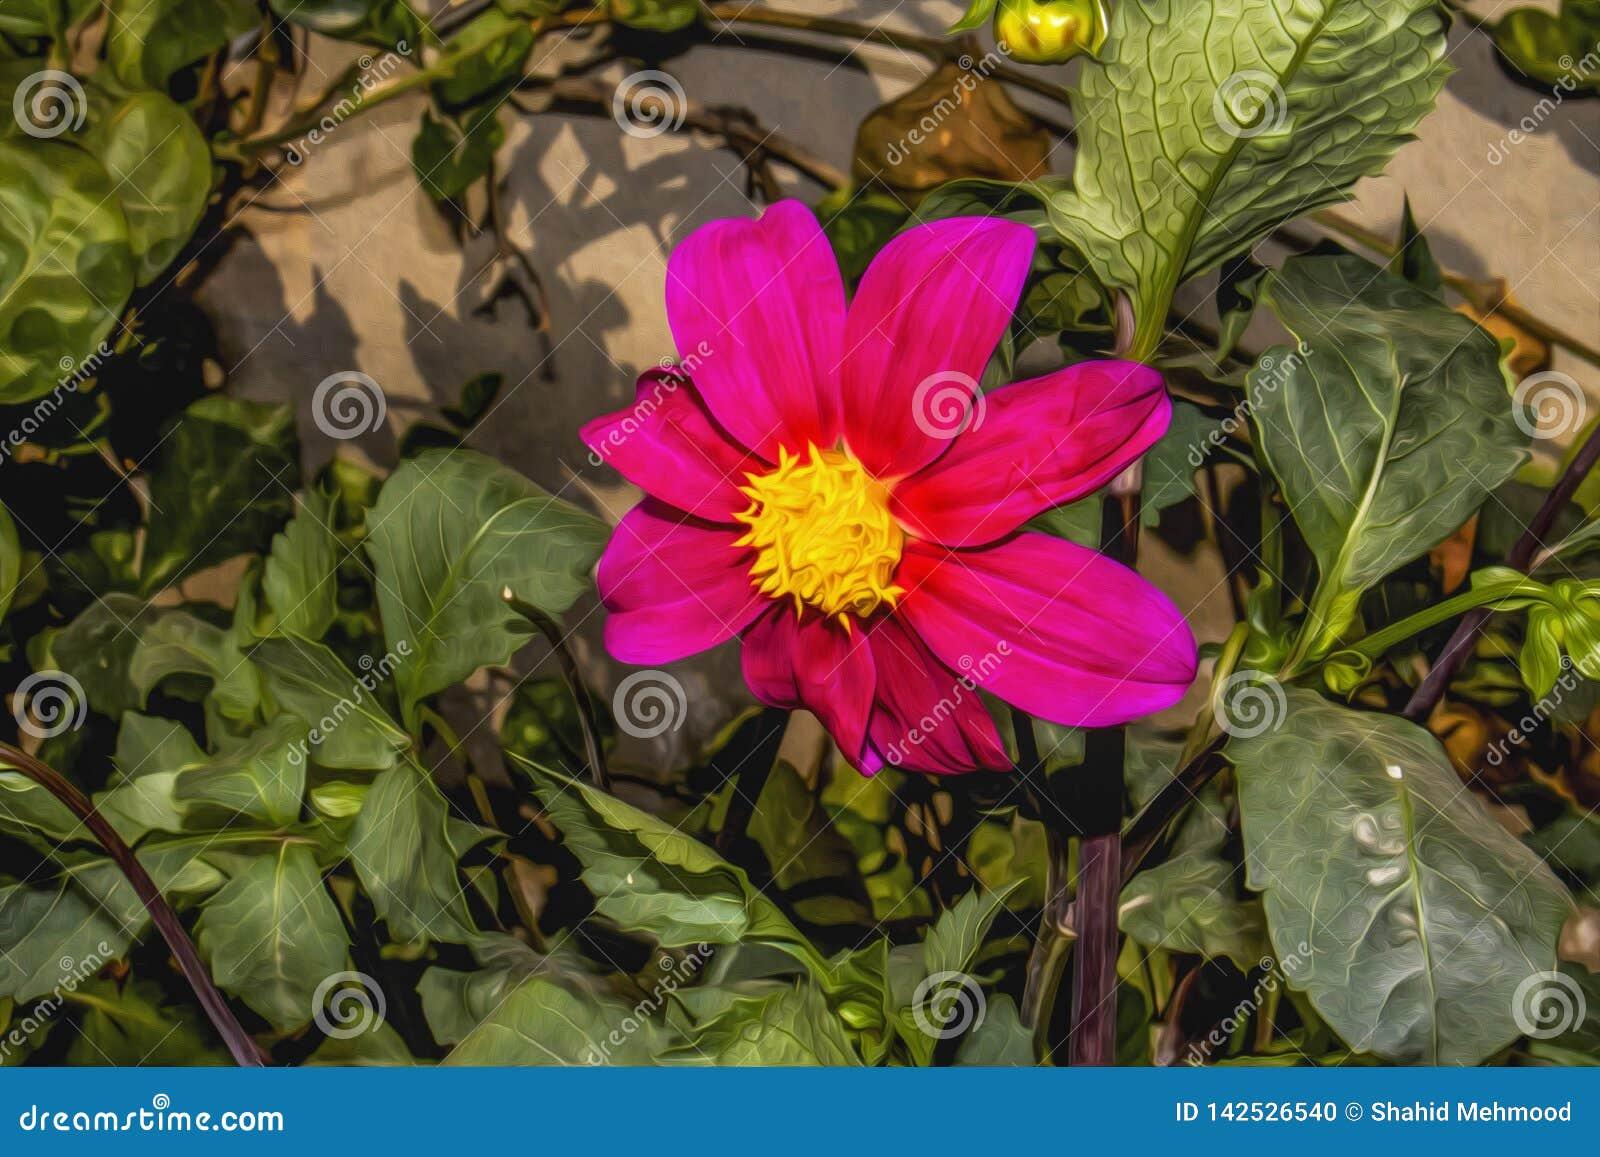 这张照片给了桃红色波斯菊花园做它的一个照片作用类似油画